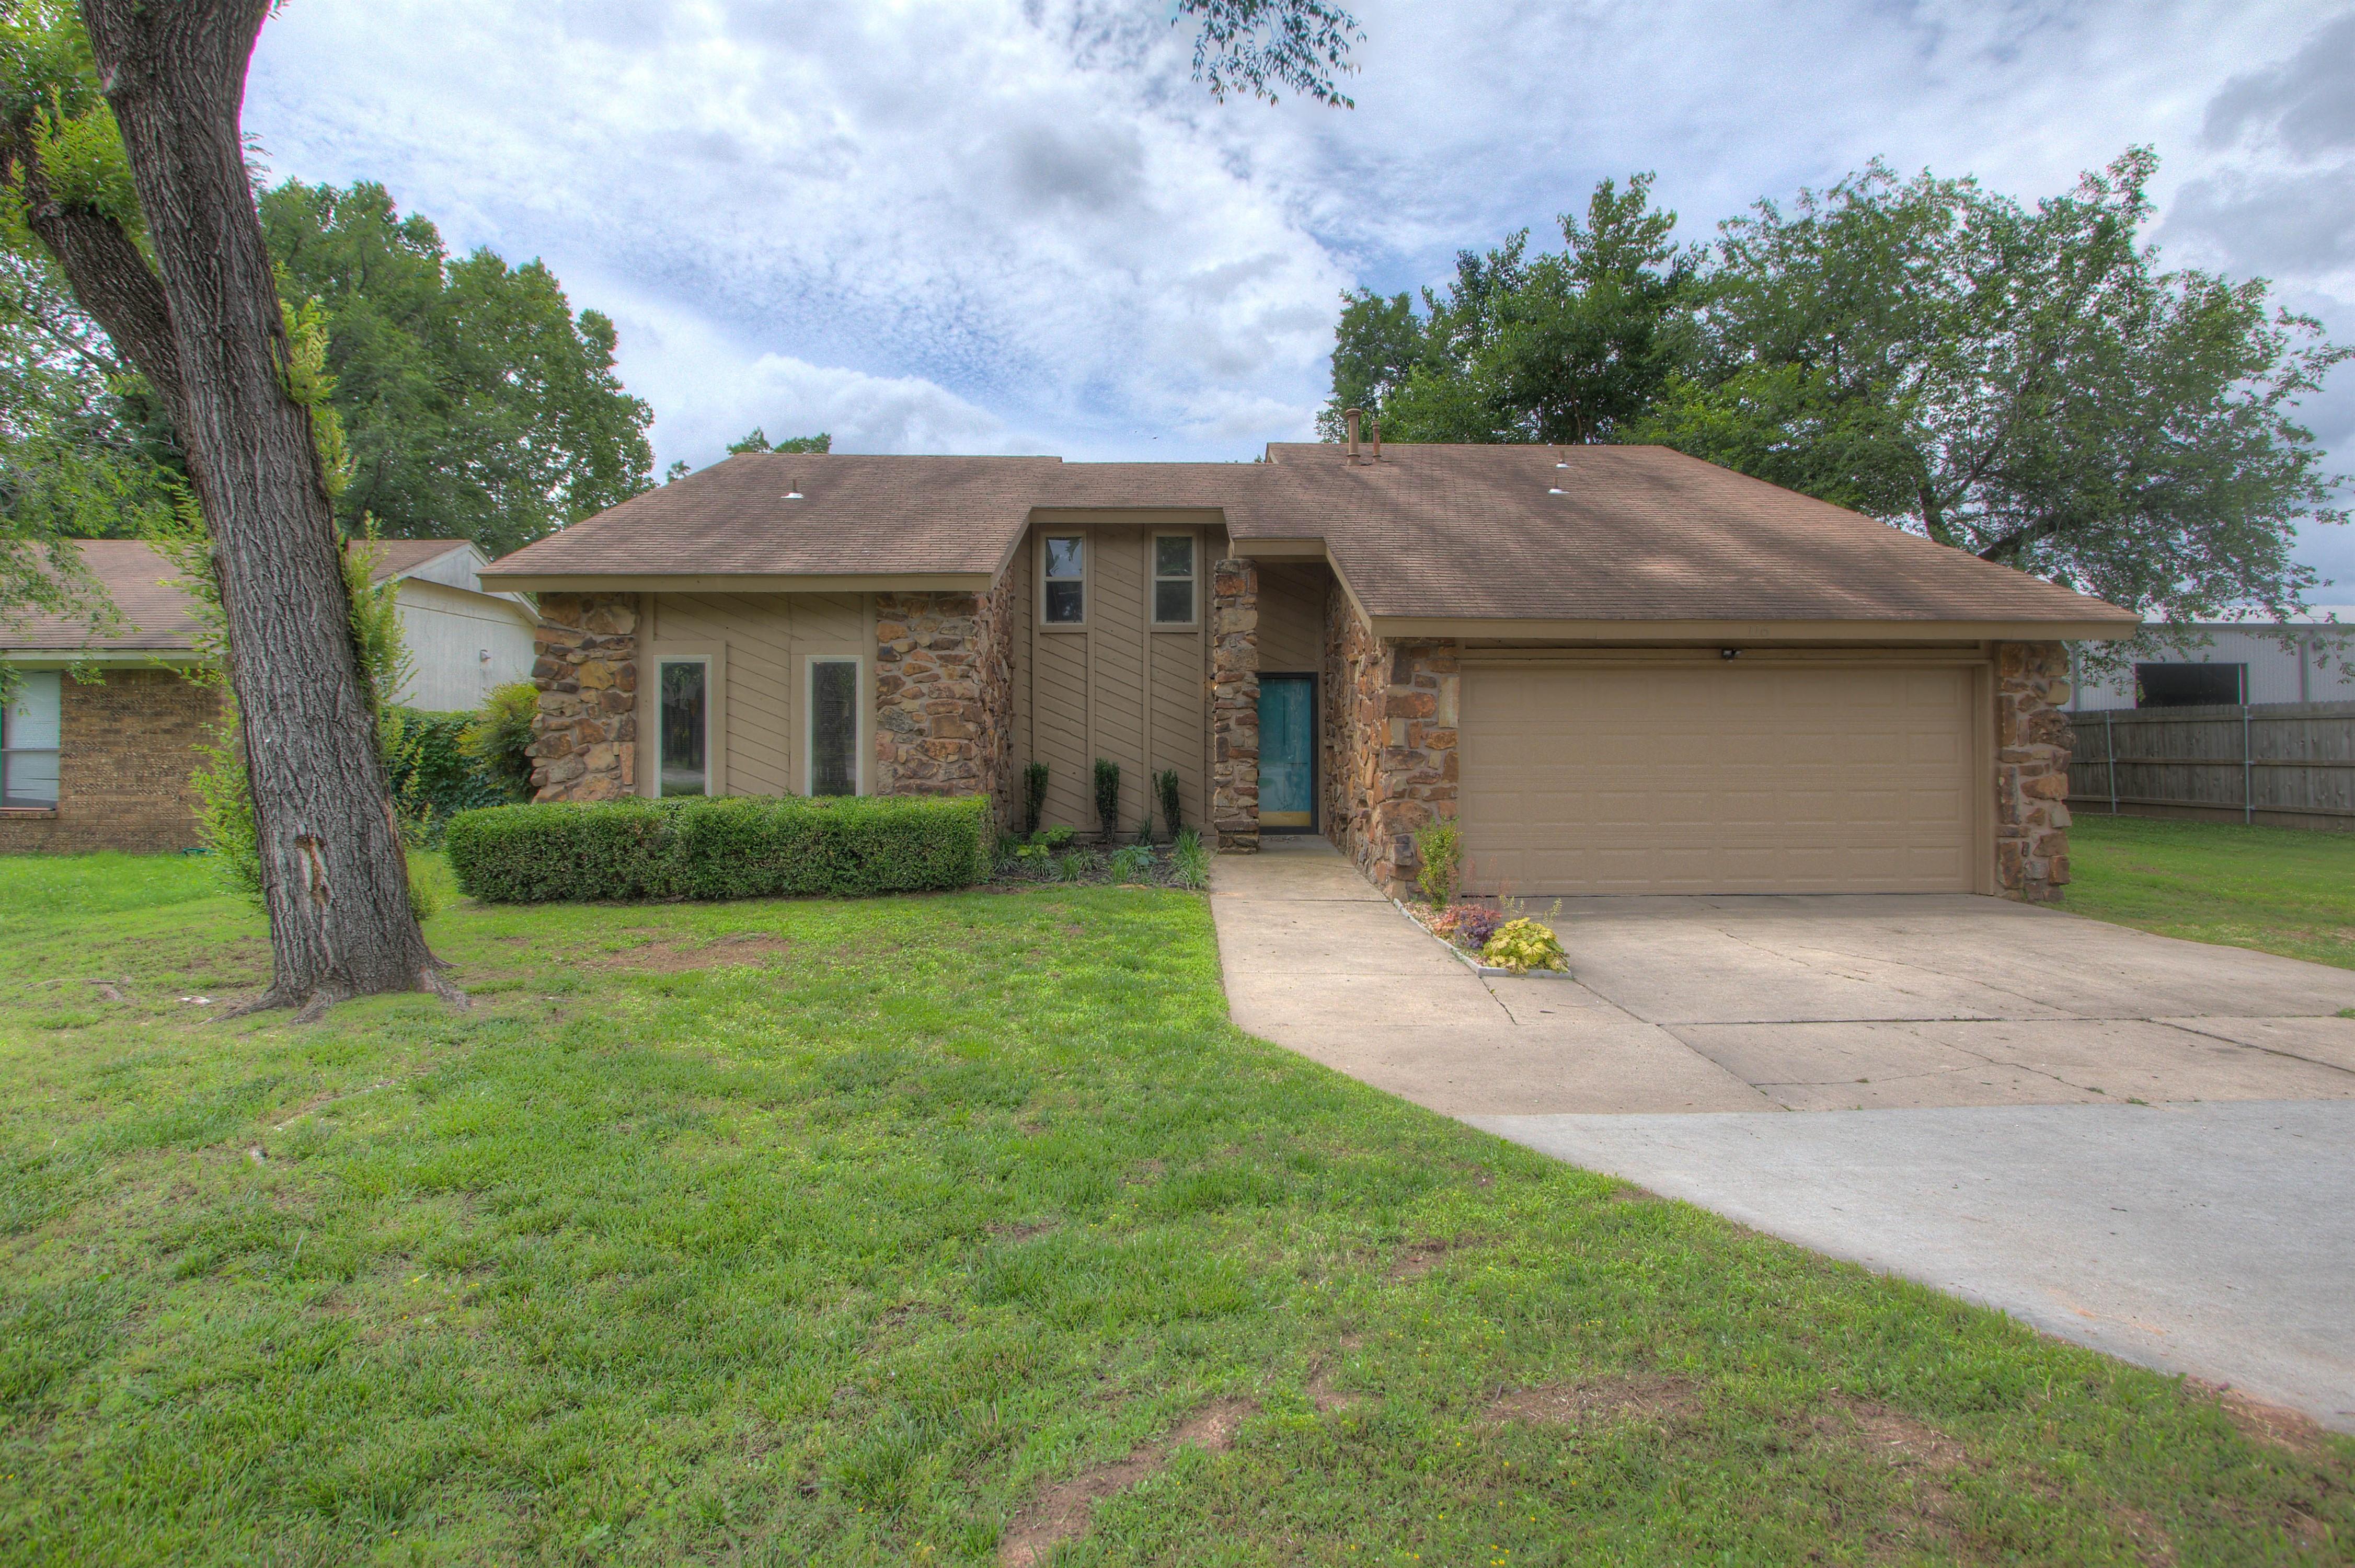 116 W K. Place Property Photo 1